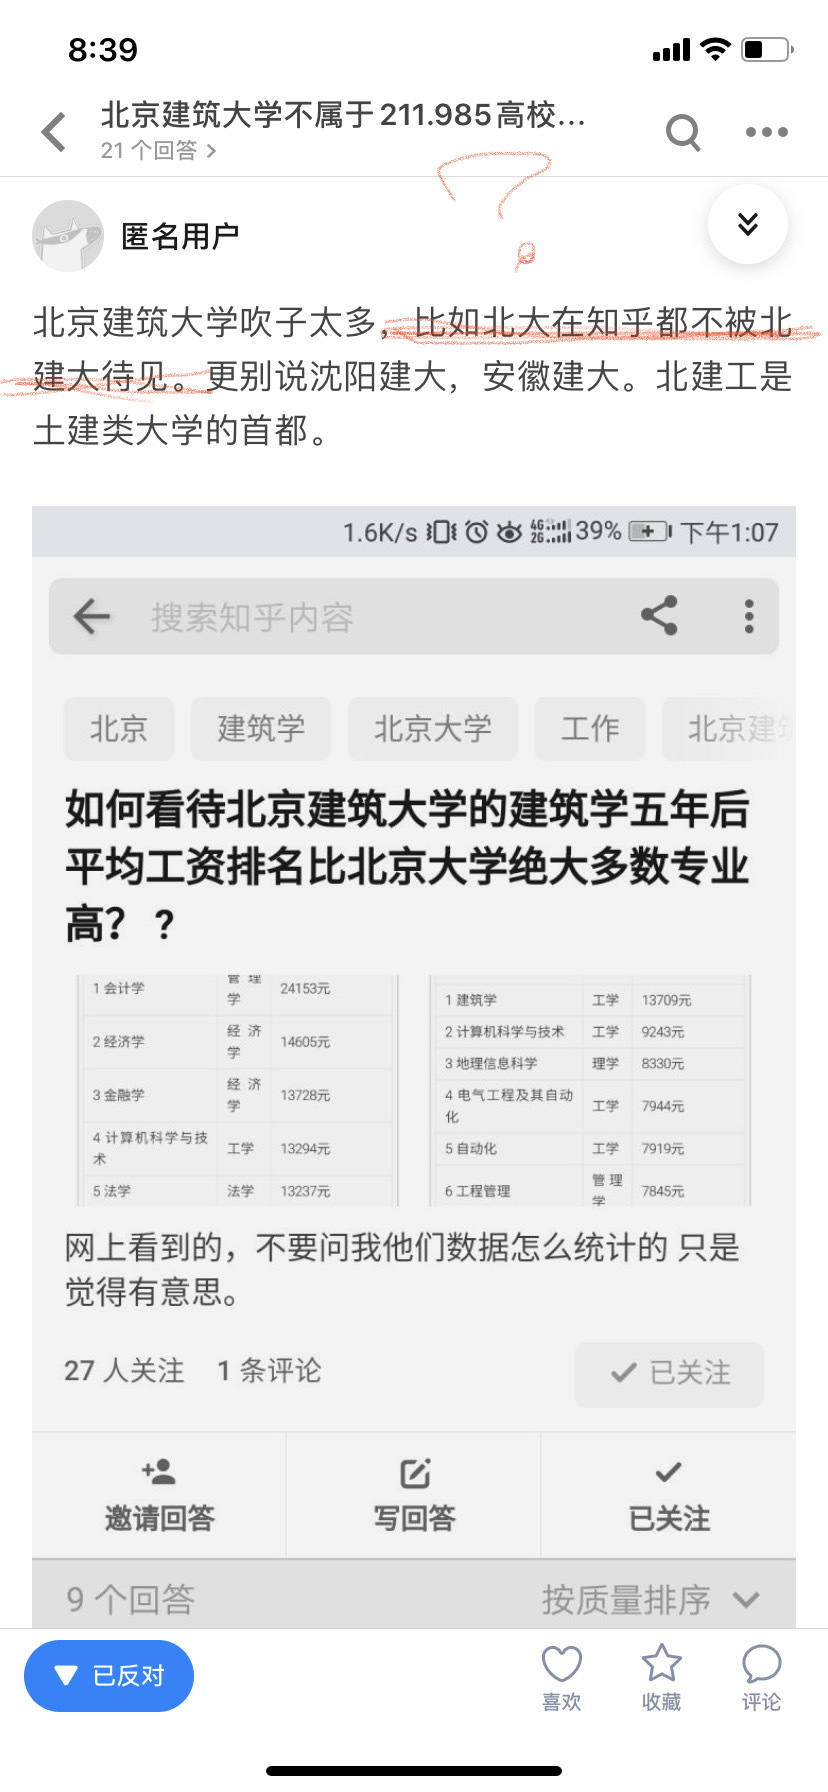 北京建筑大学分数线_北京建筑大学不属于211.985高校,为什么分数线还这么高? - 知乎